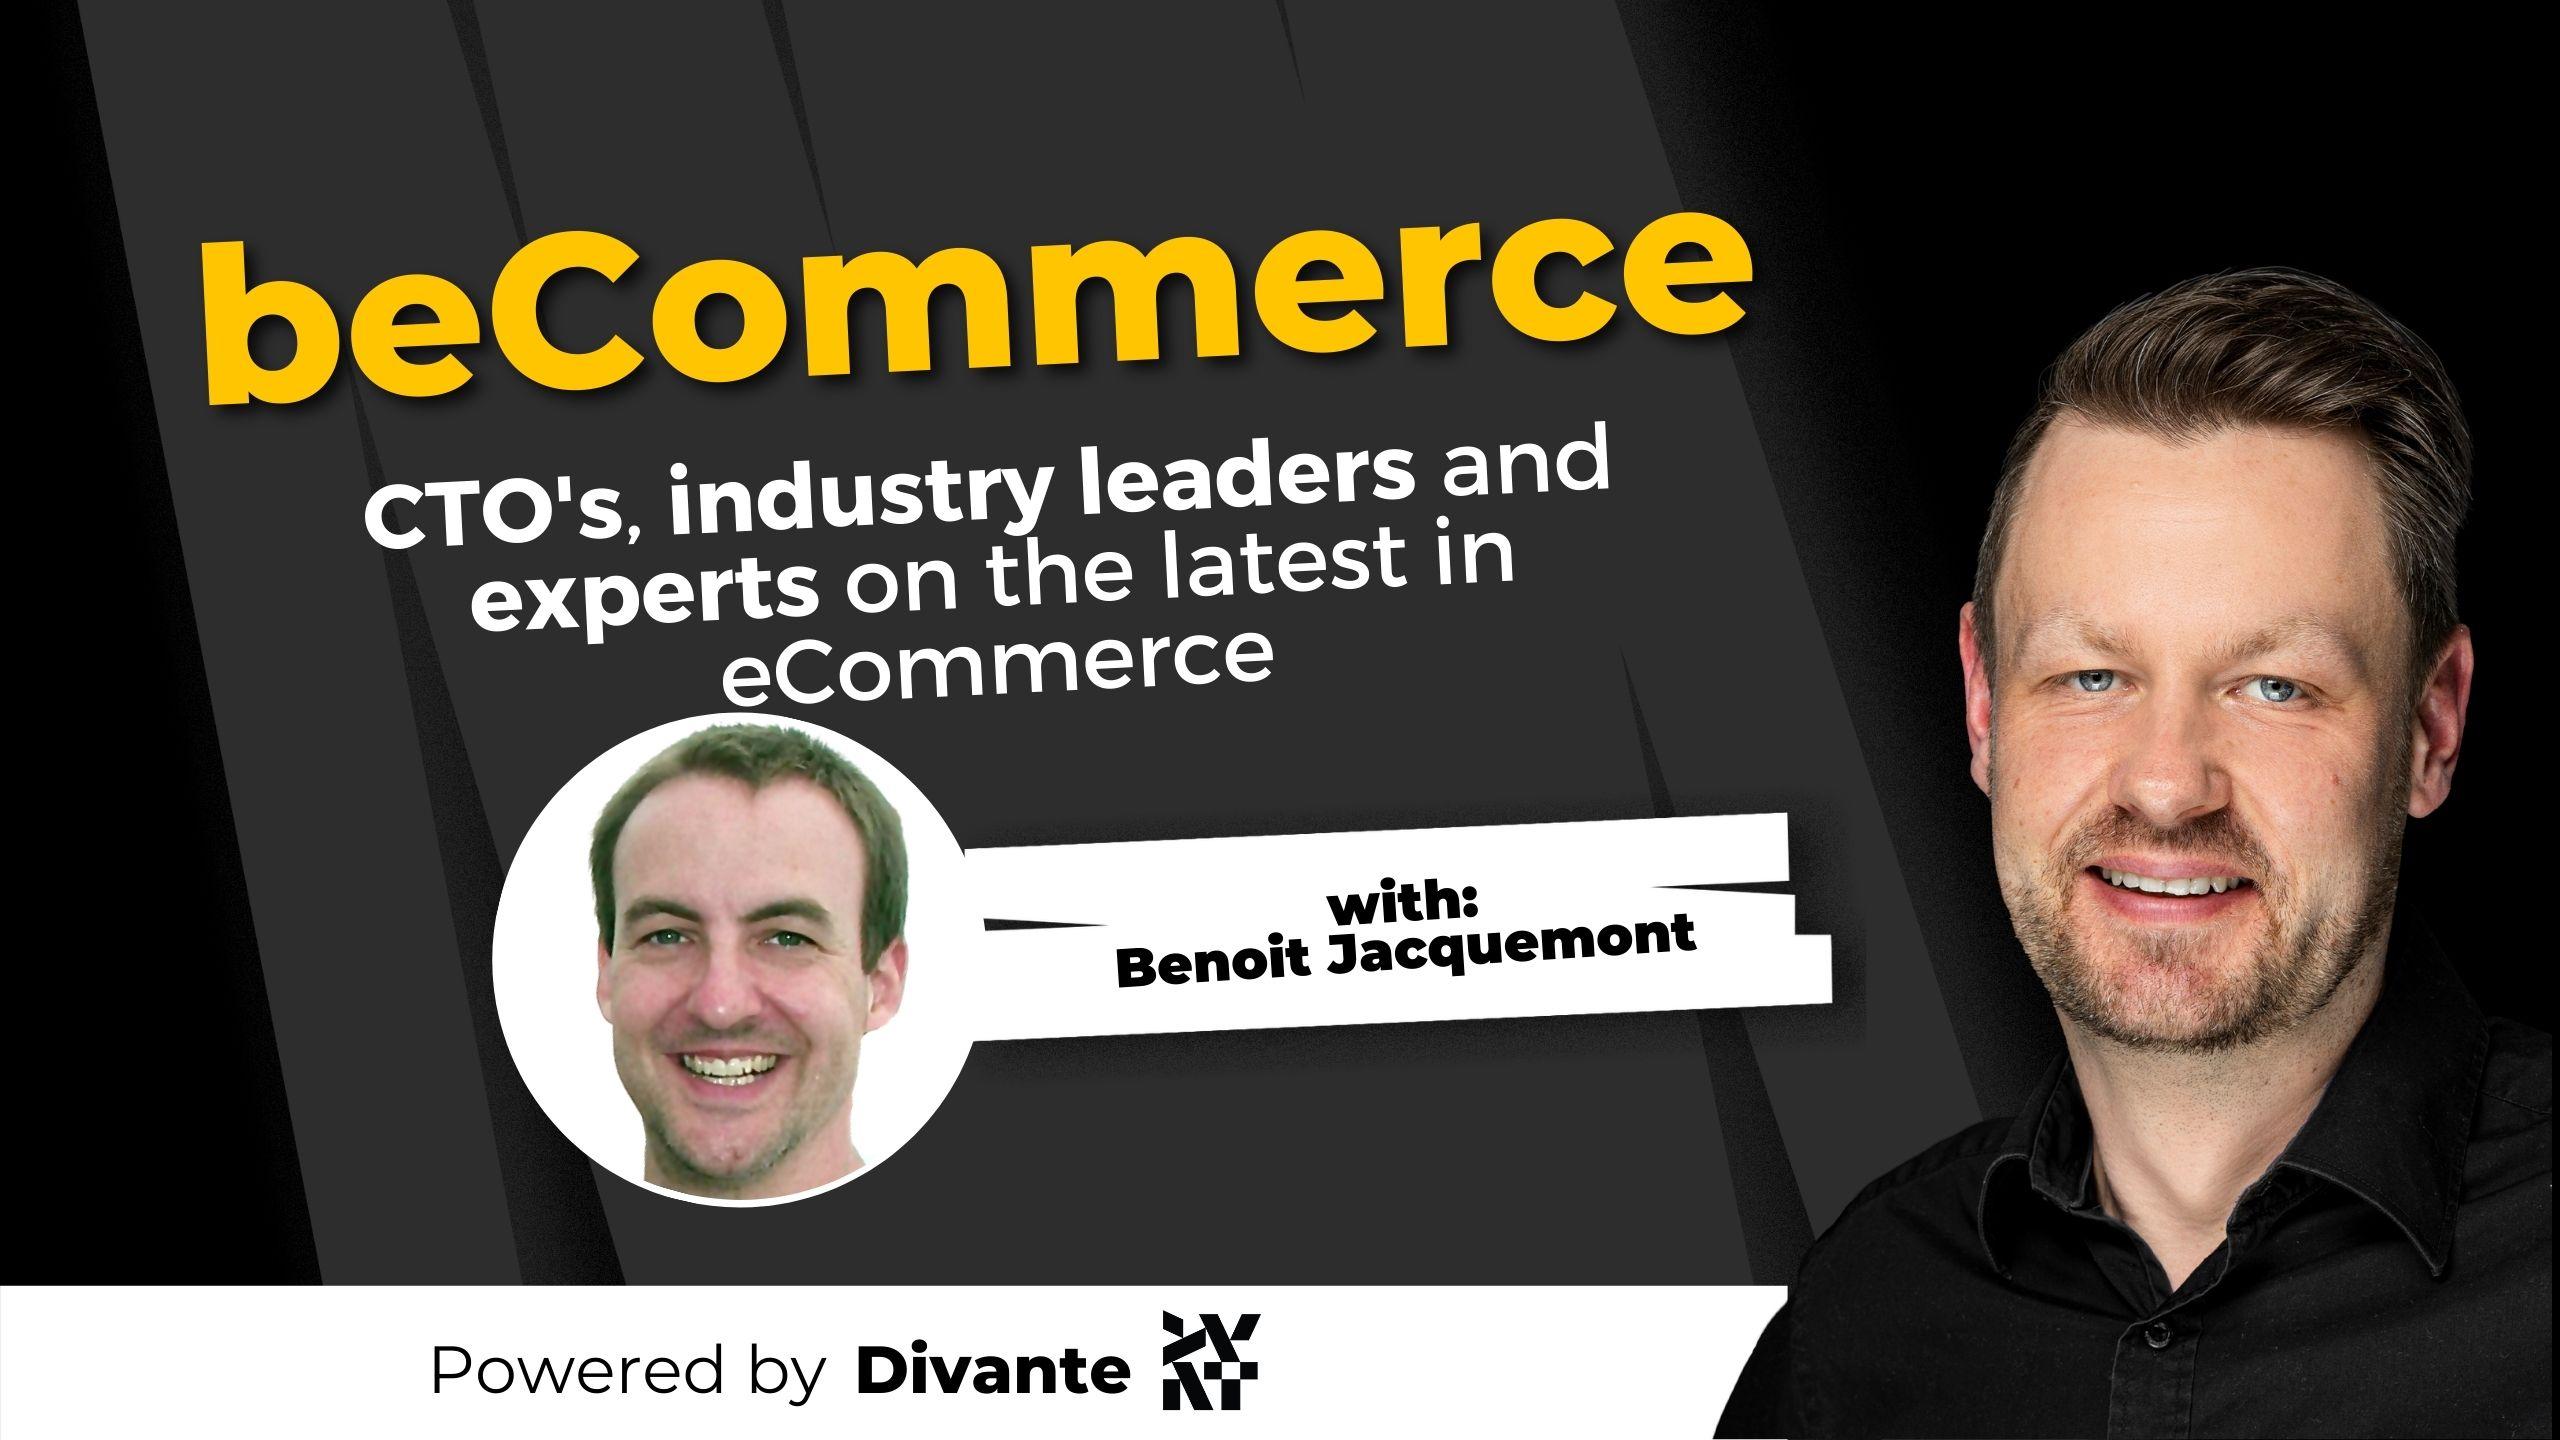 beCommerce episode with Benoit Jaquement